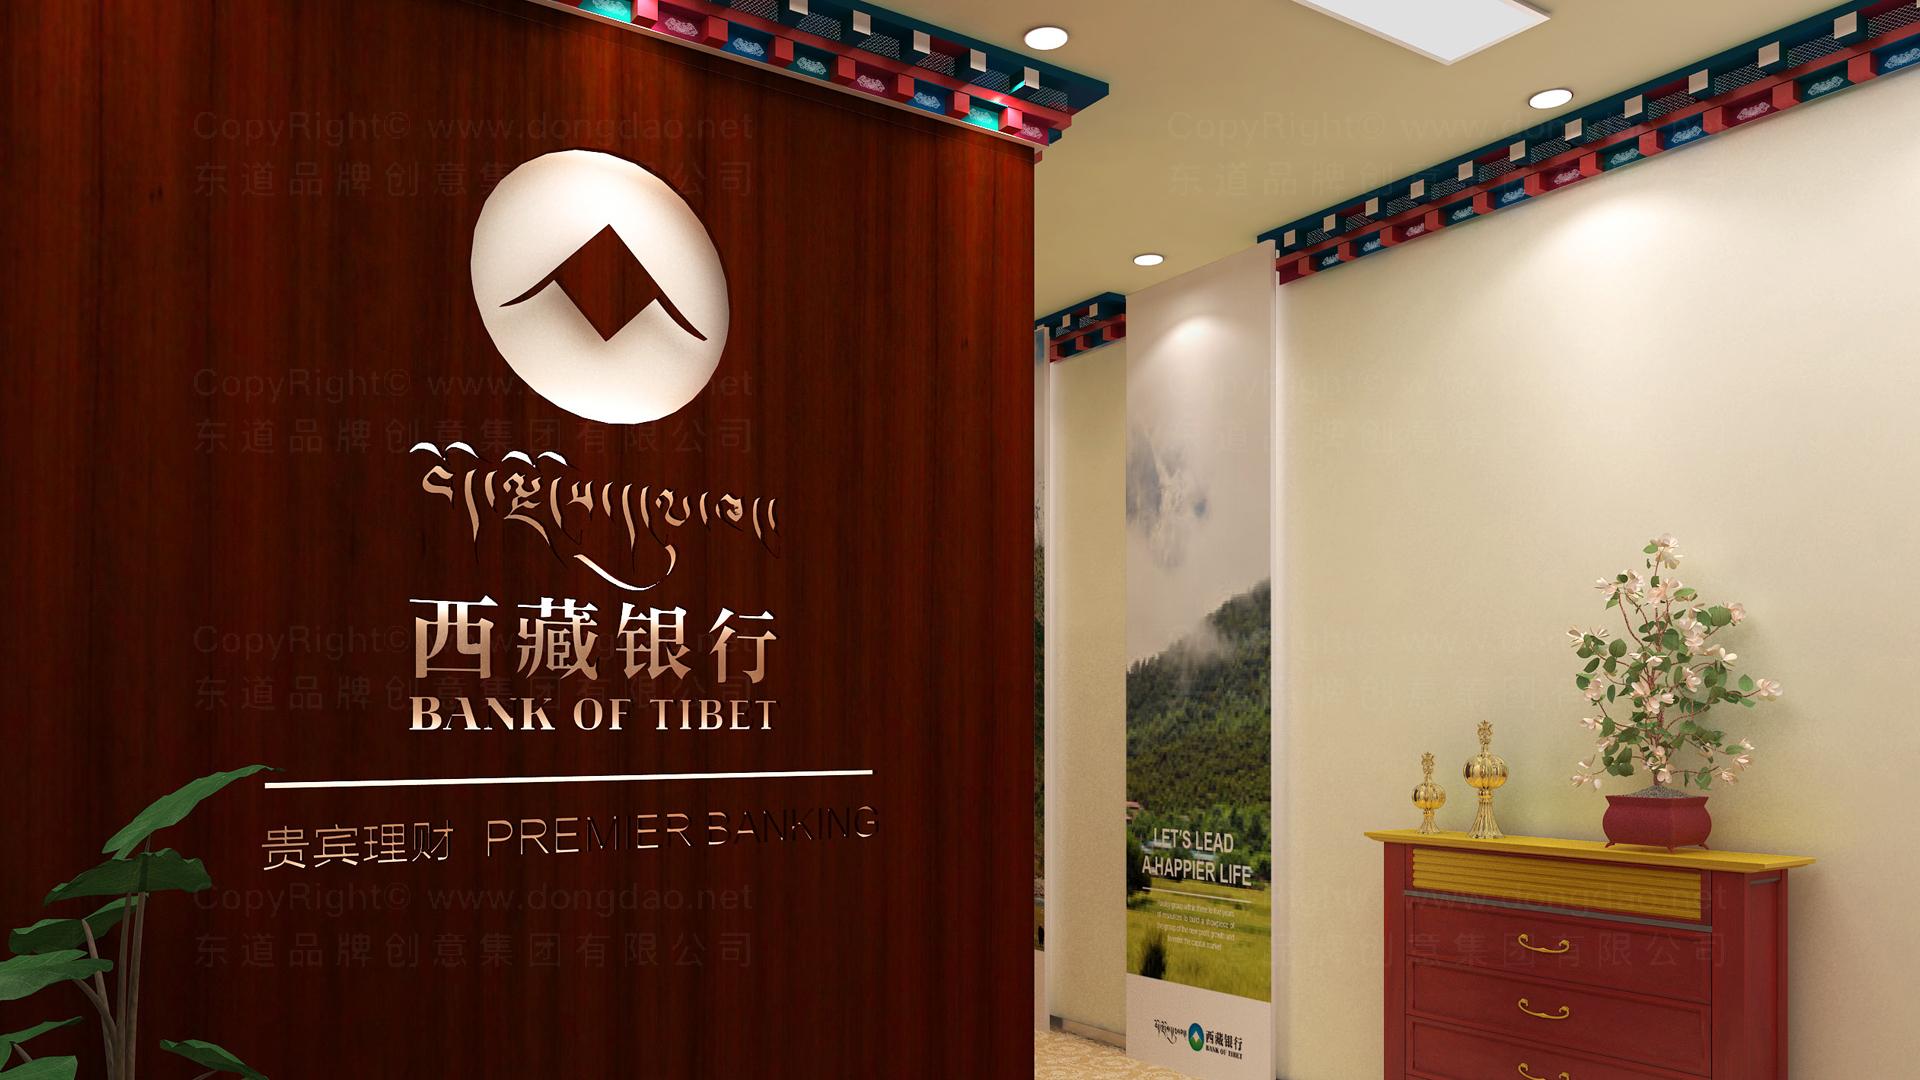 商业空间&导示西藏银行SI设计应用场景_3